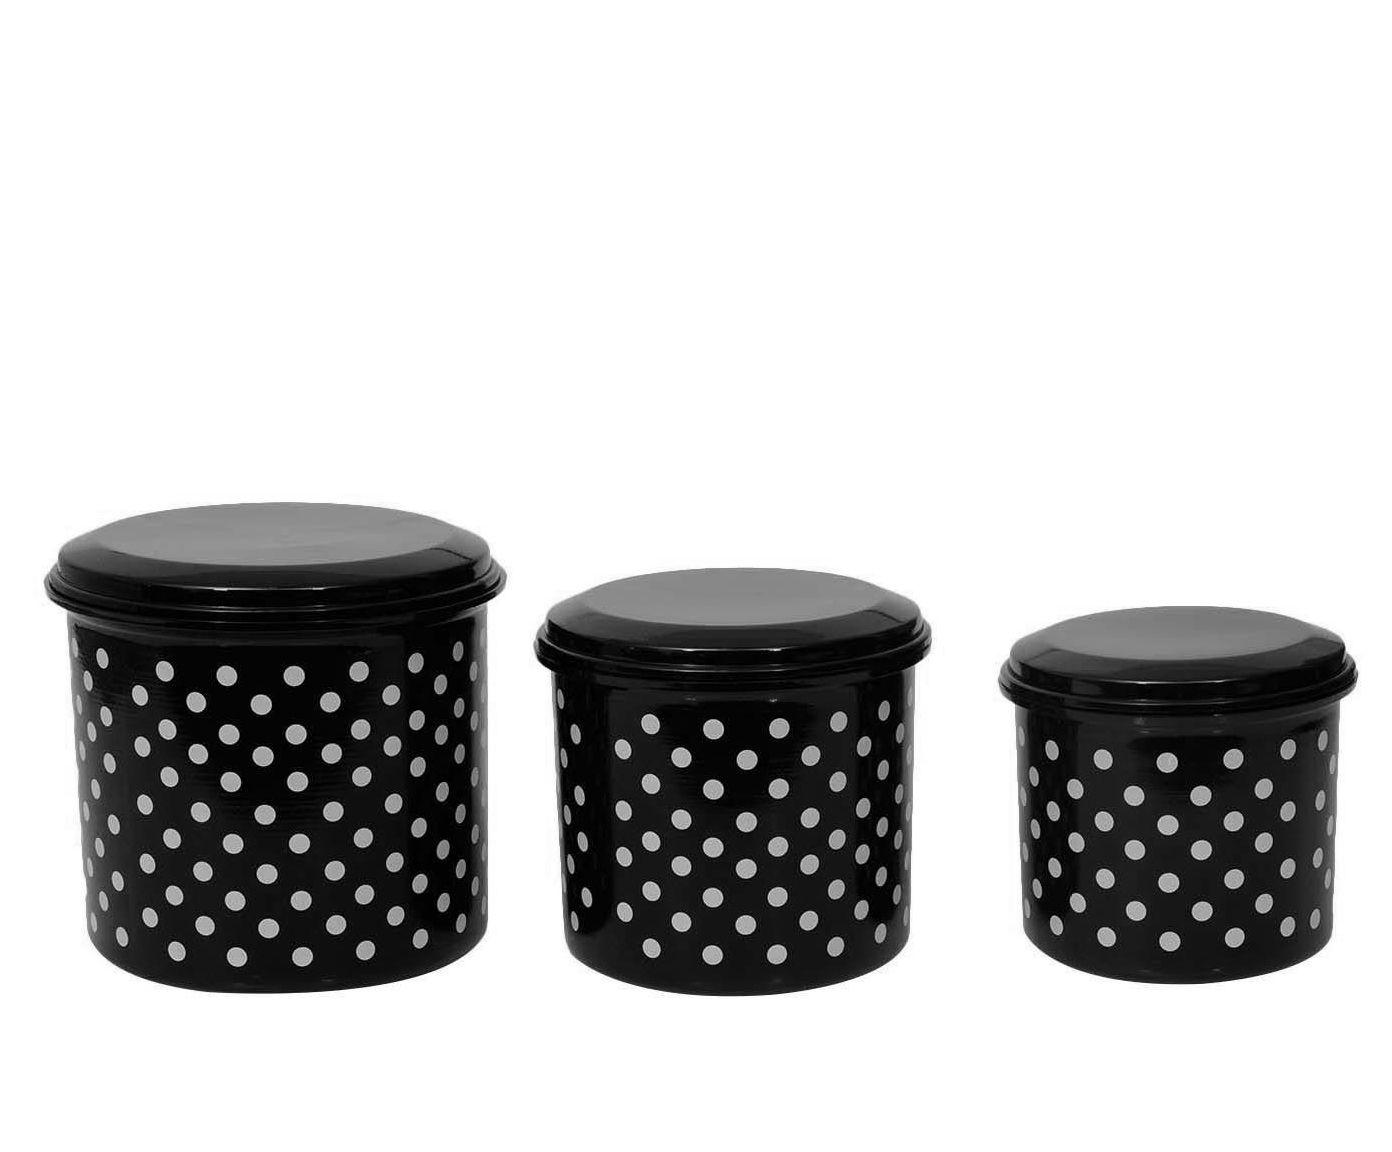 Jogo de Porta-Condimentos Polka Dots - Preto e Branco | Westwing.com.br